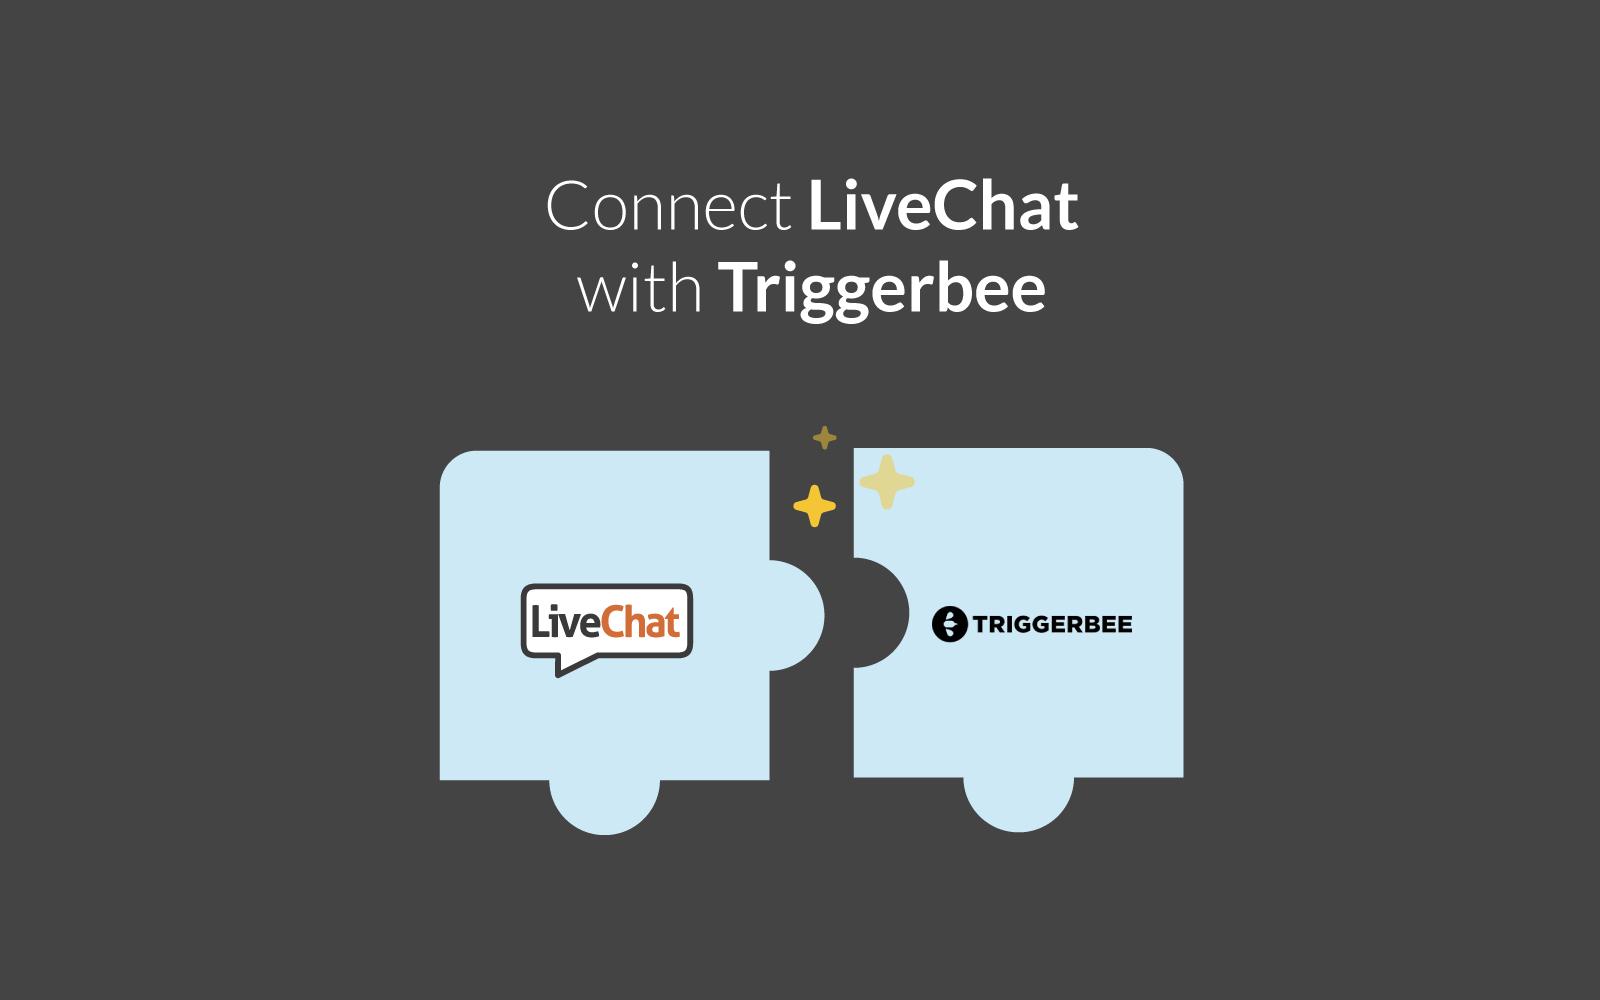 Triggerbee integration